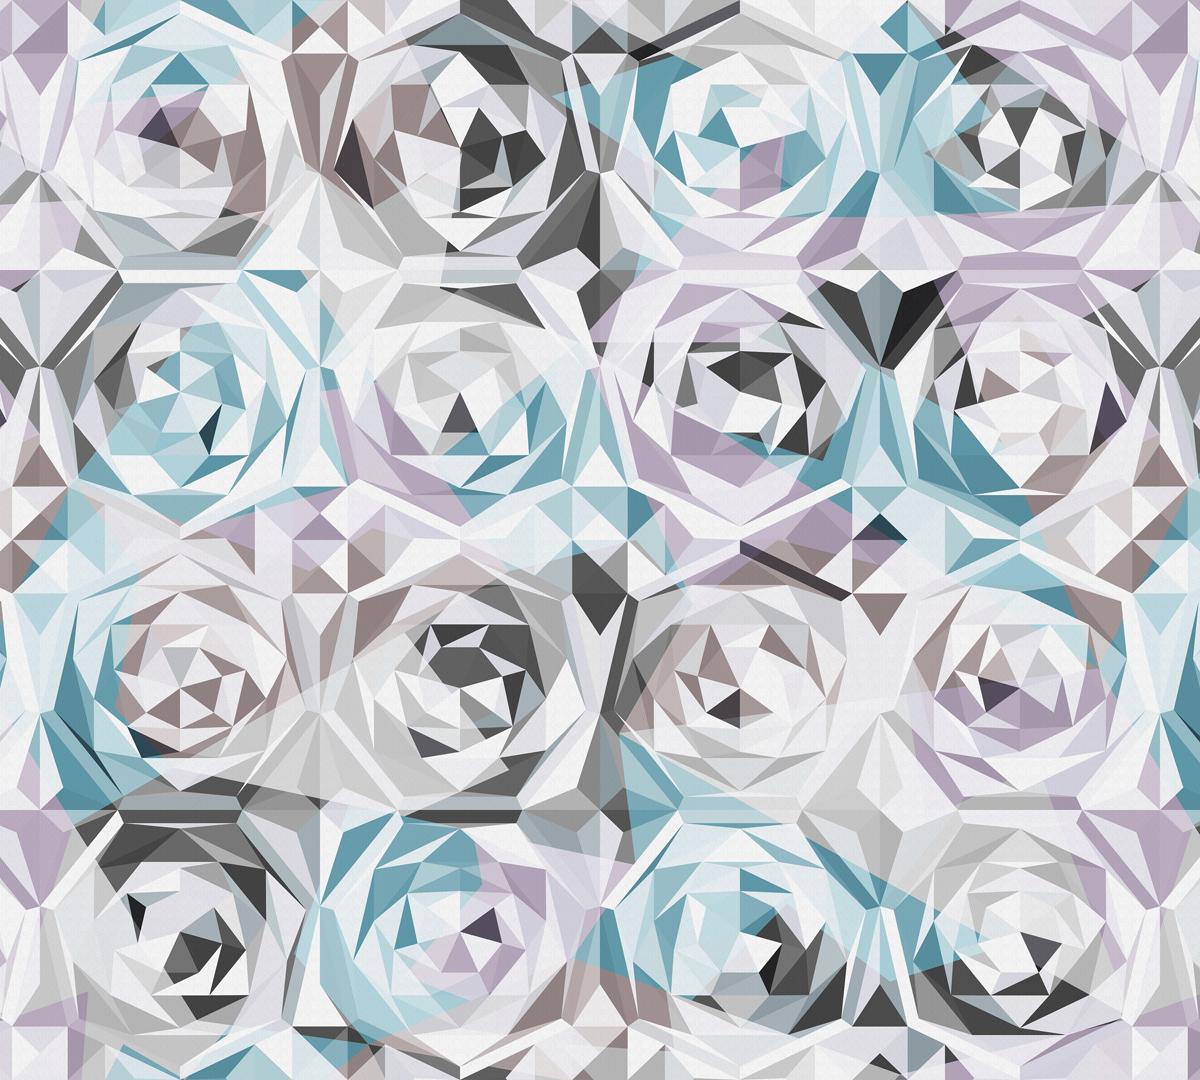 Фотообои Barton Wallpapers Цветы, 300 x 270 см. F2770312723Фотообои Barton Wallpapers позволят создать неповторимый облик помещения, в котором они размещены. Фотообои наносятся на стены тем же способом, что и обычные обои. Рельефная структура основы делает фотообои необычными, неповторимыми, глубокими и манящими.Фотообои снова вошли в нашу жизнь, став модным направлением декорирования интерьера. Выбрав правильную фактуру и сюжет изображения можно добиться невероятного эффекта живого присутствия.